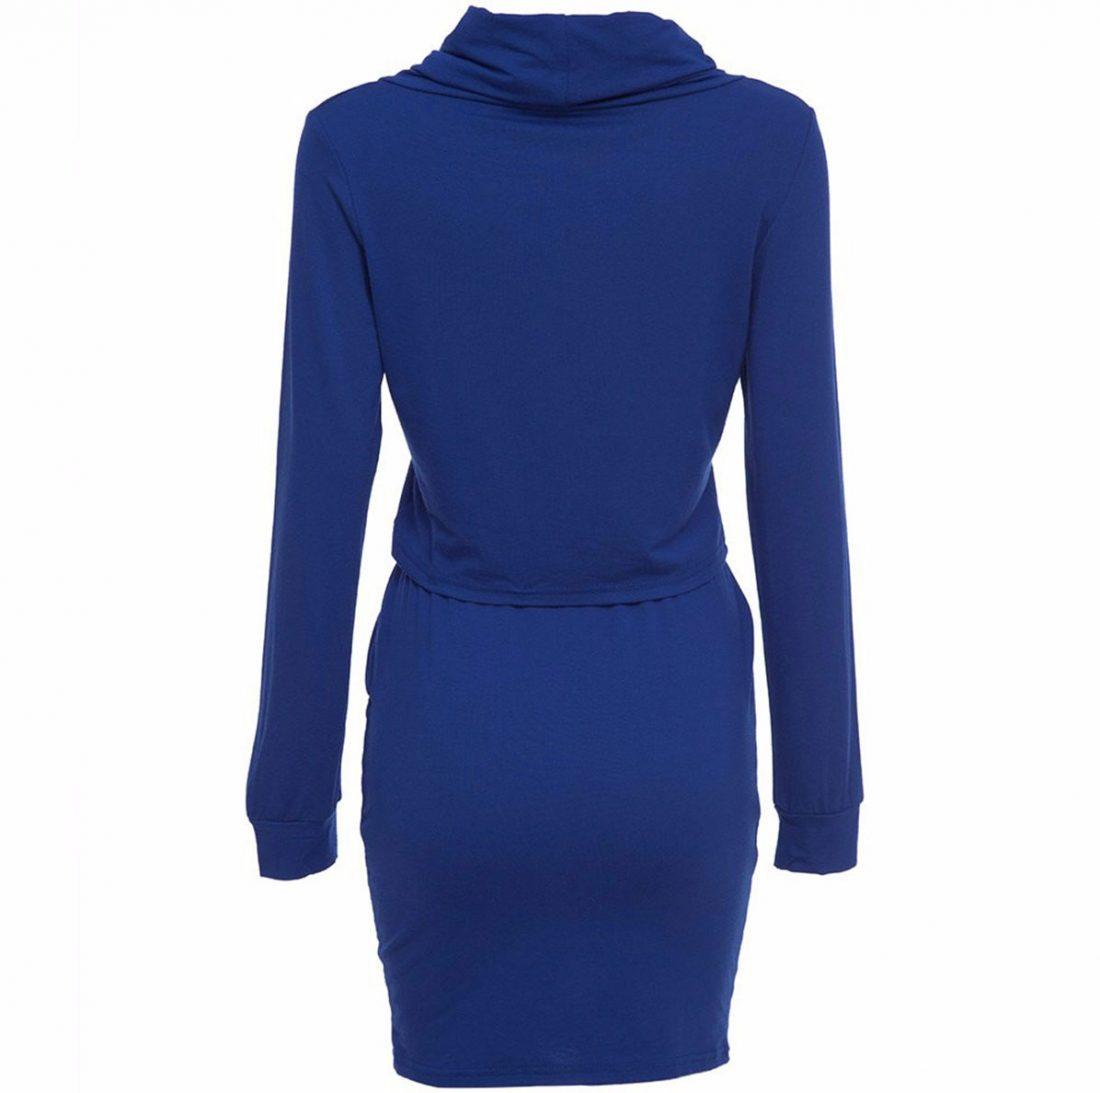 M0181 blue5 Two Piece Sets Dresses maureens.com boutique